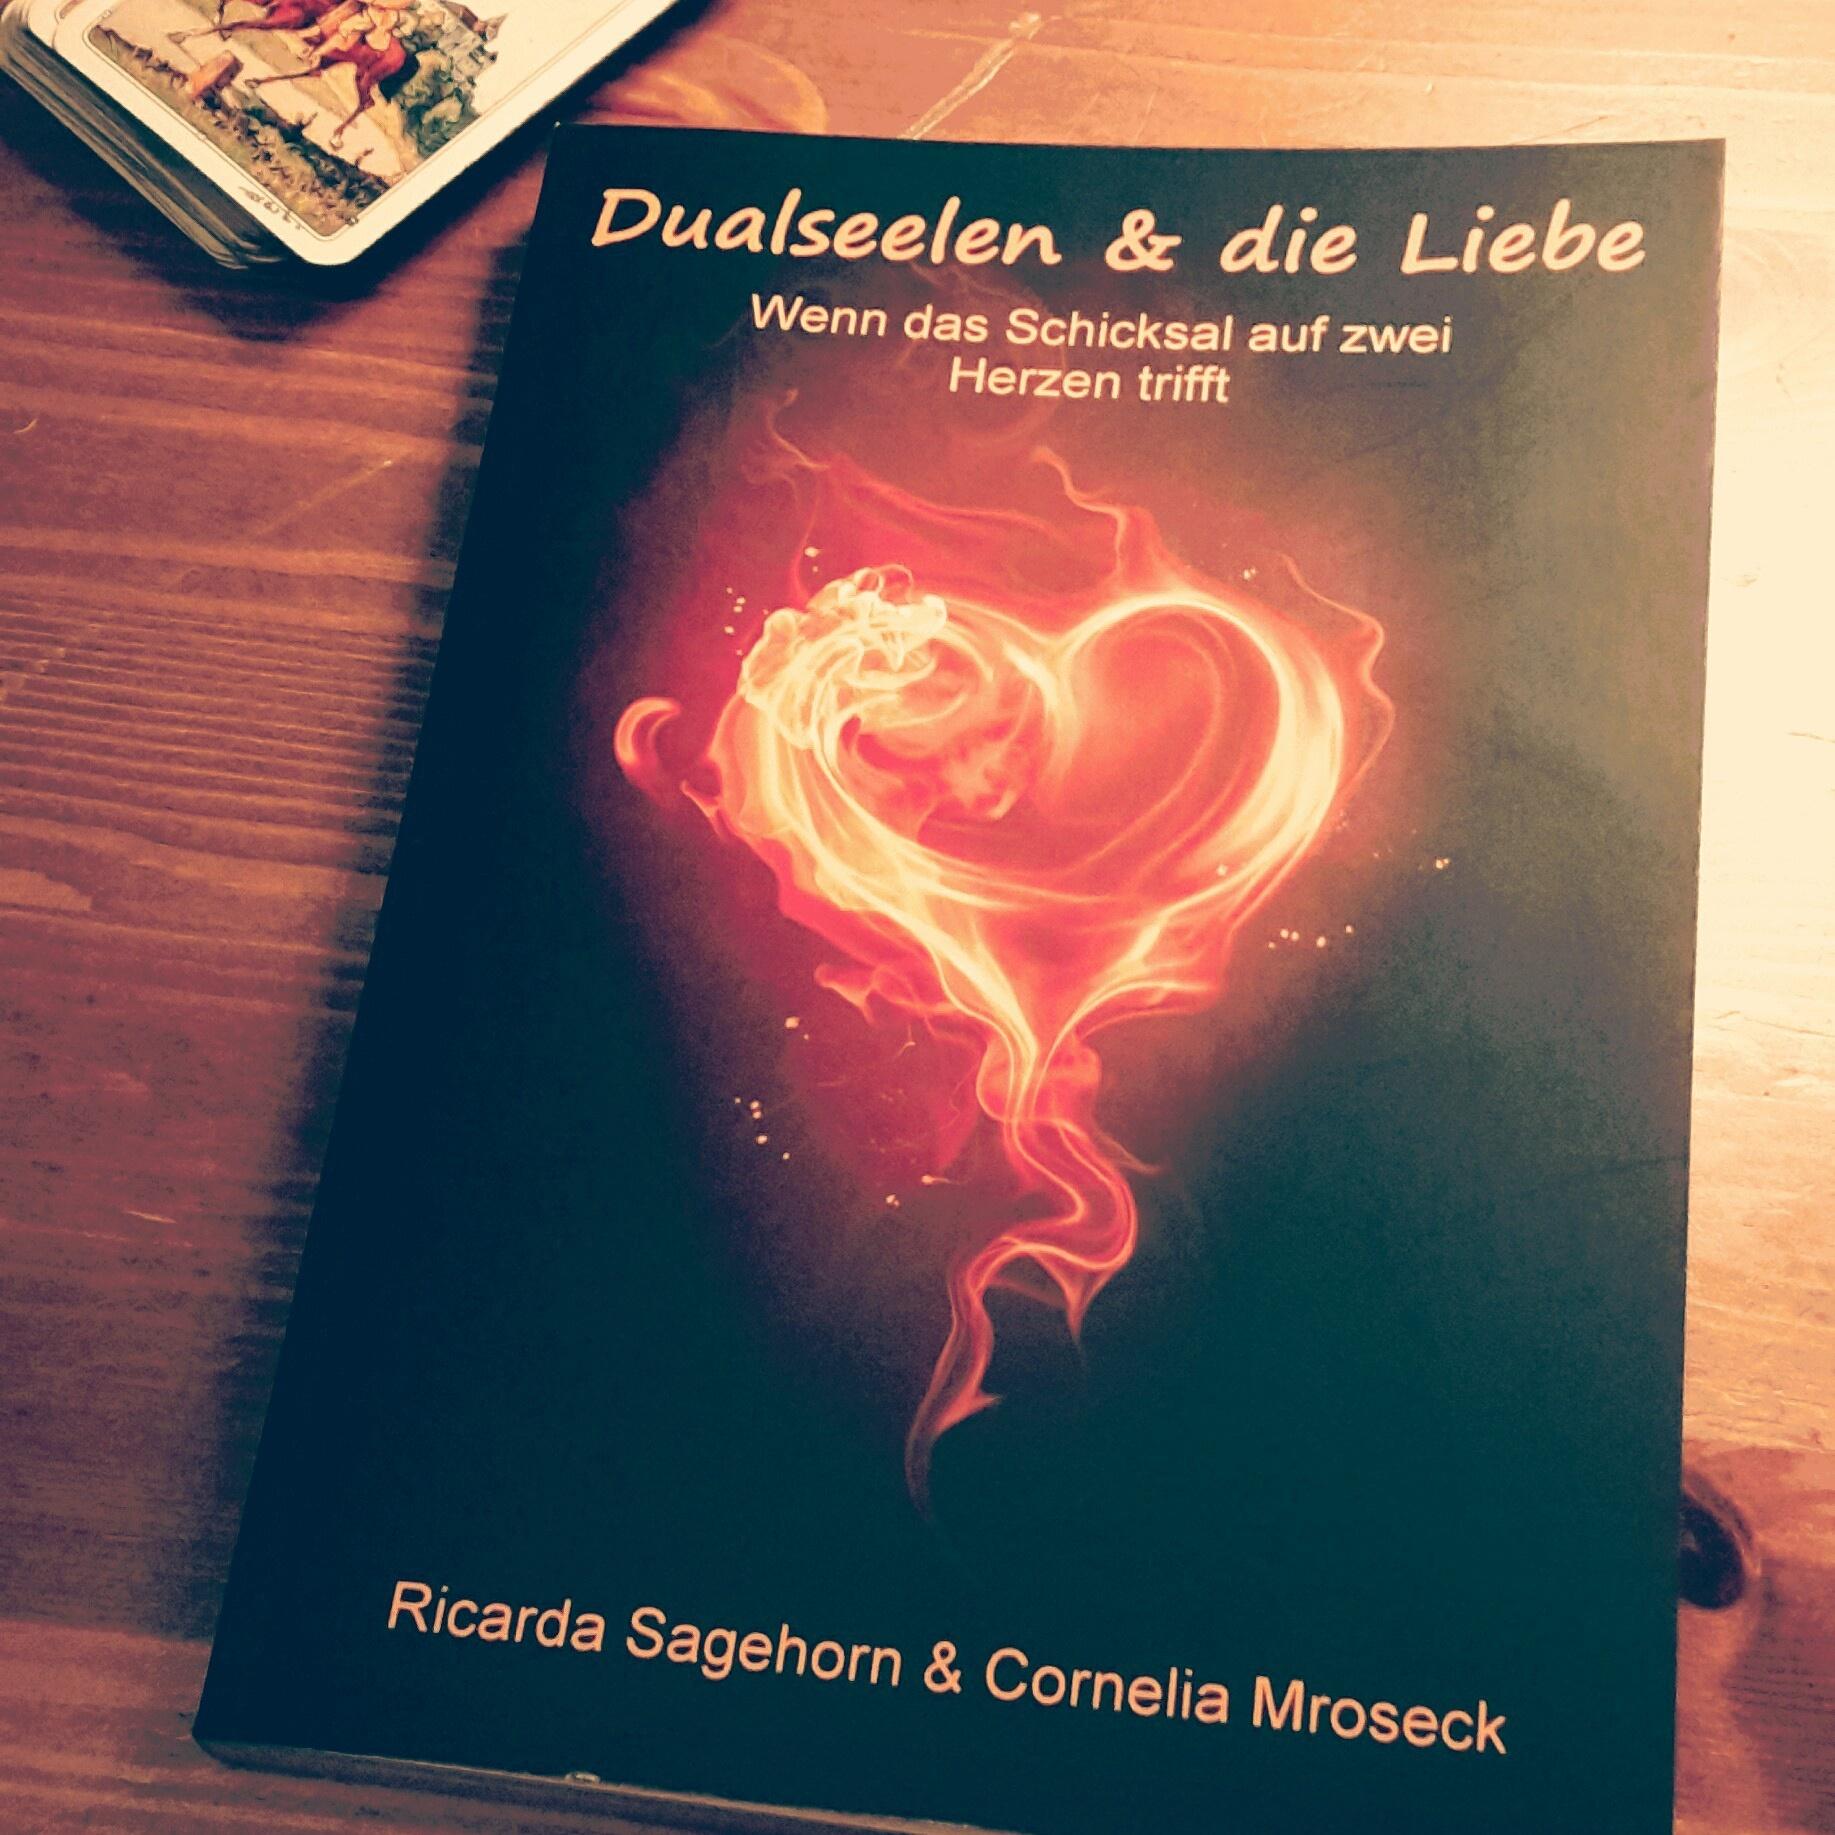 Dualseelen und die liebe pdf